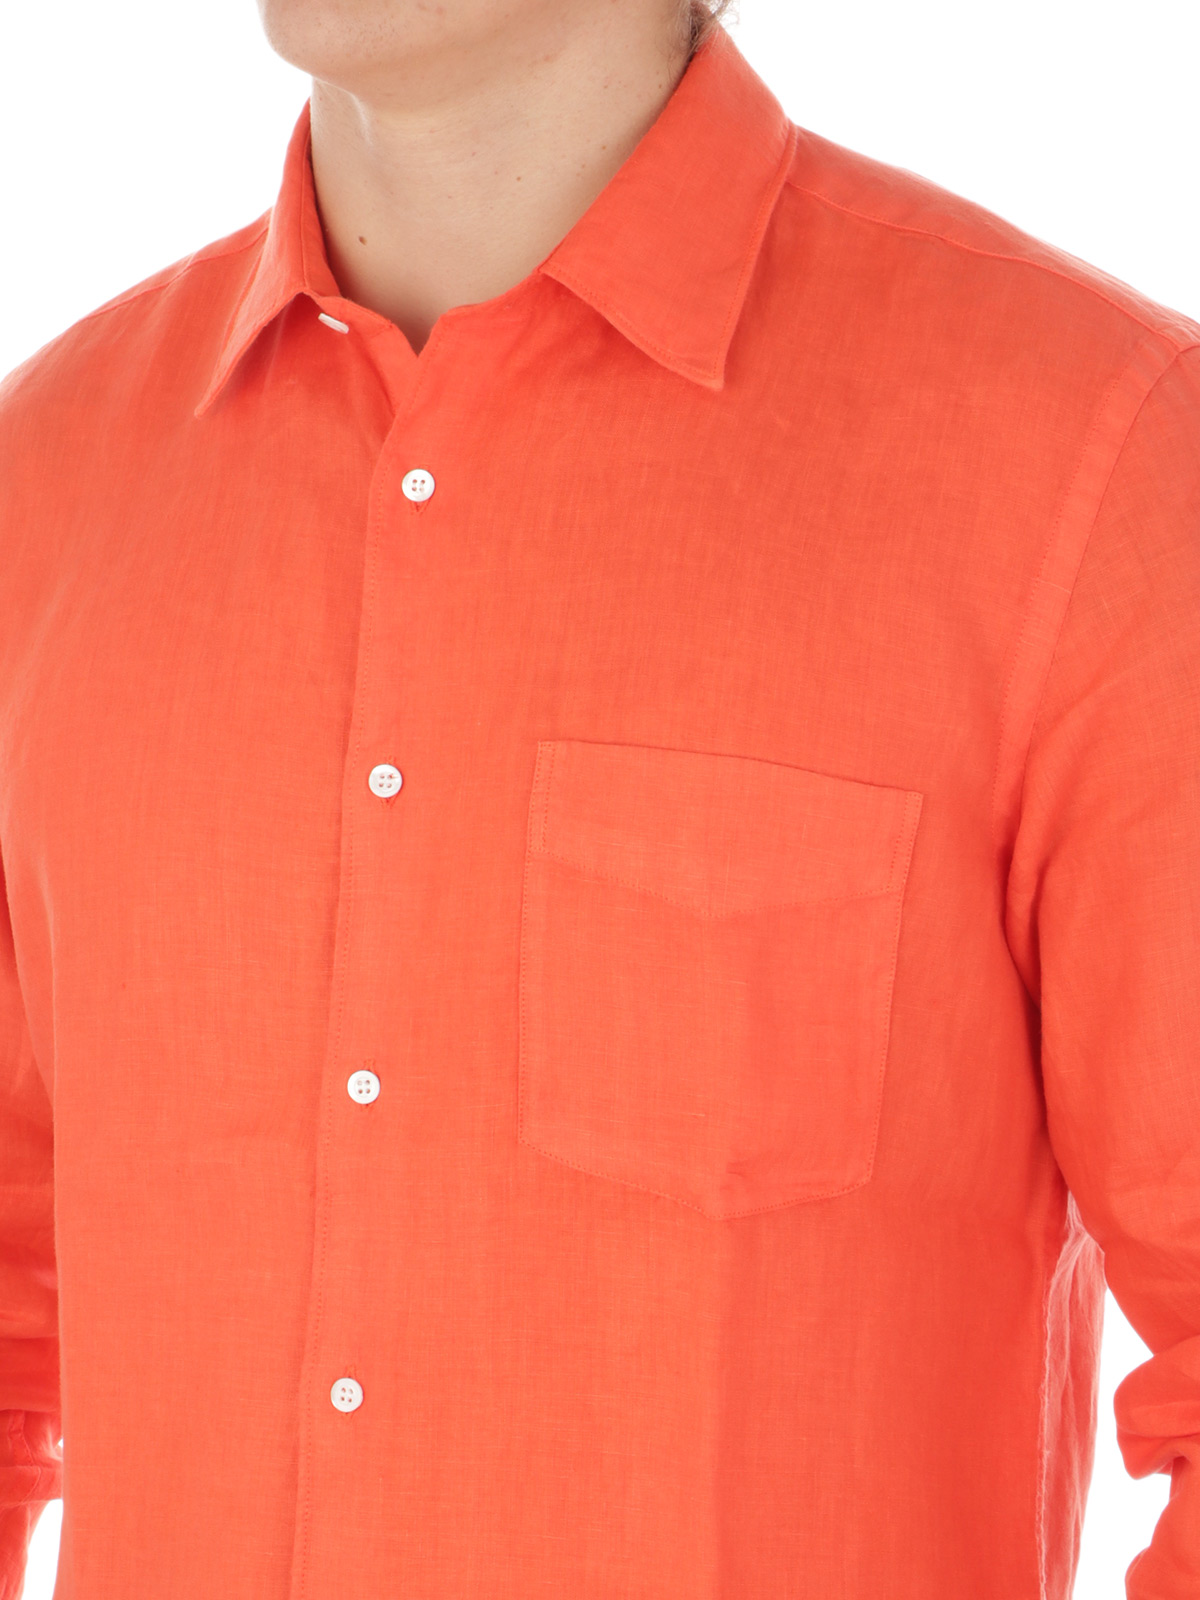 Immagine di ASPESI | Camicia Uomo Mod. Sedici in Lino